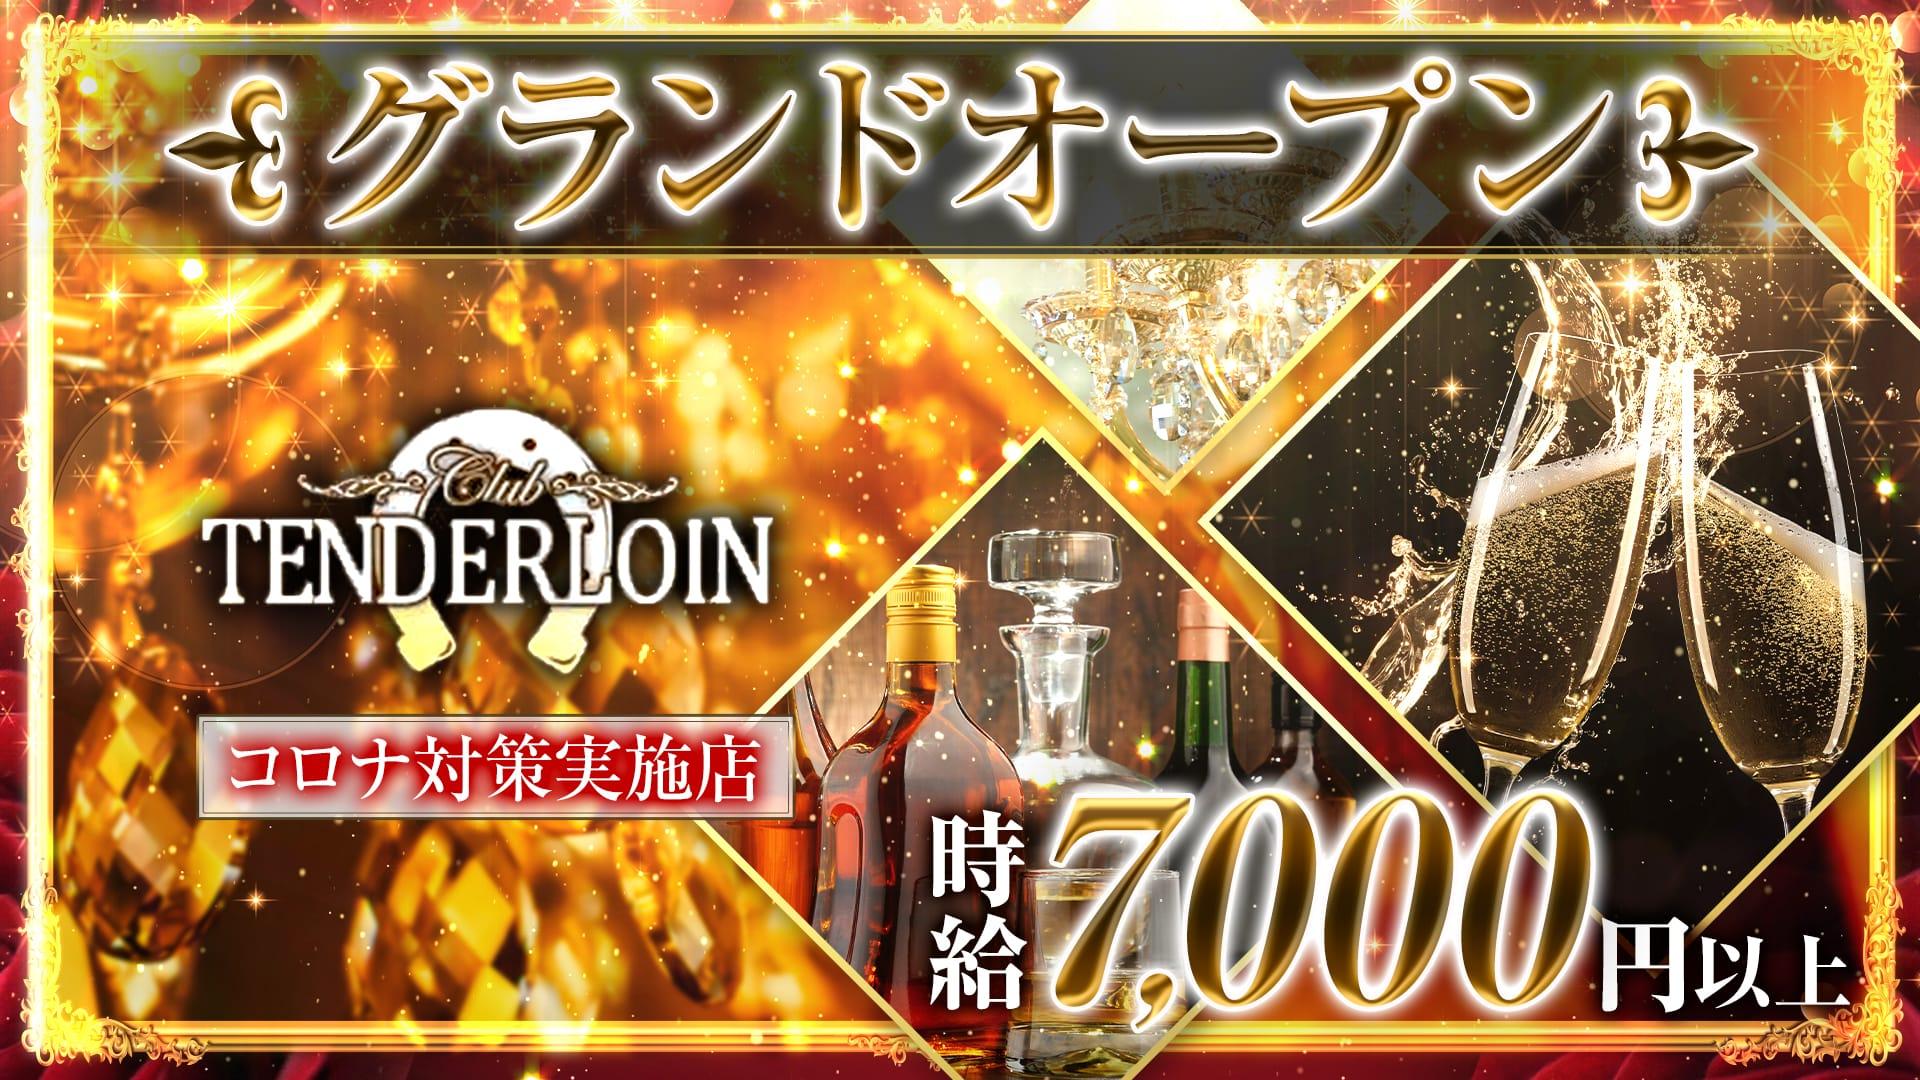 【昼・夜】TENDERLOIN 2(テンダーロイン) 錦糸町キャバクラ TOP画像